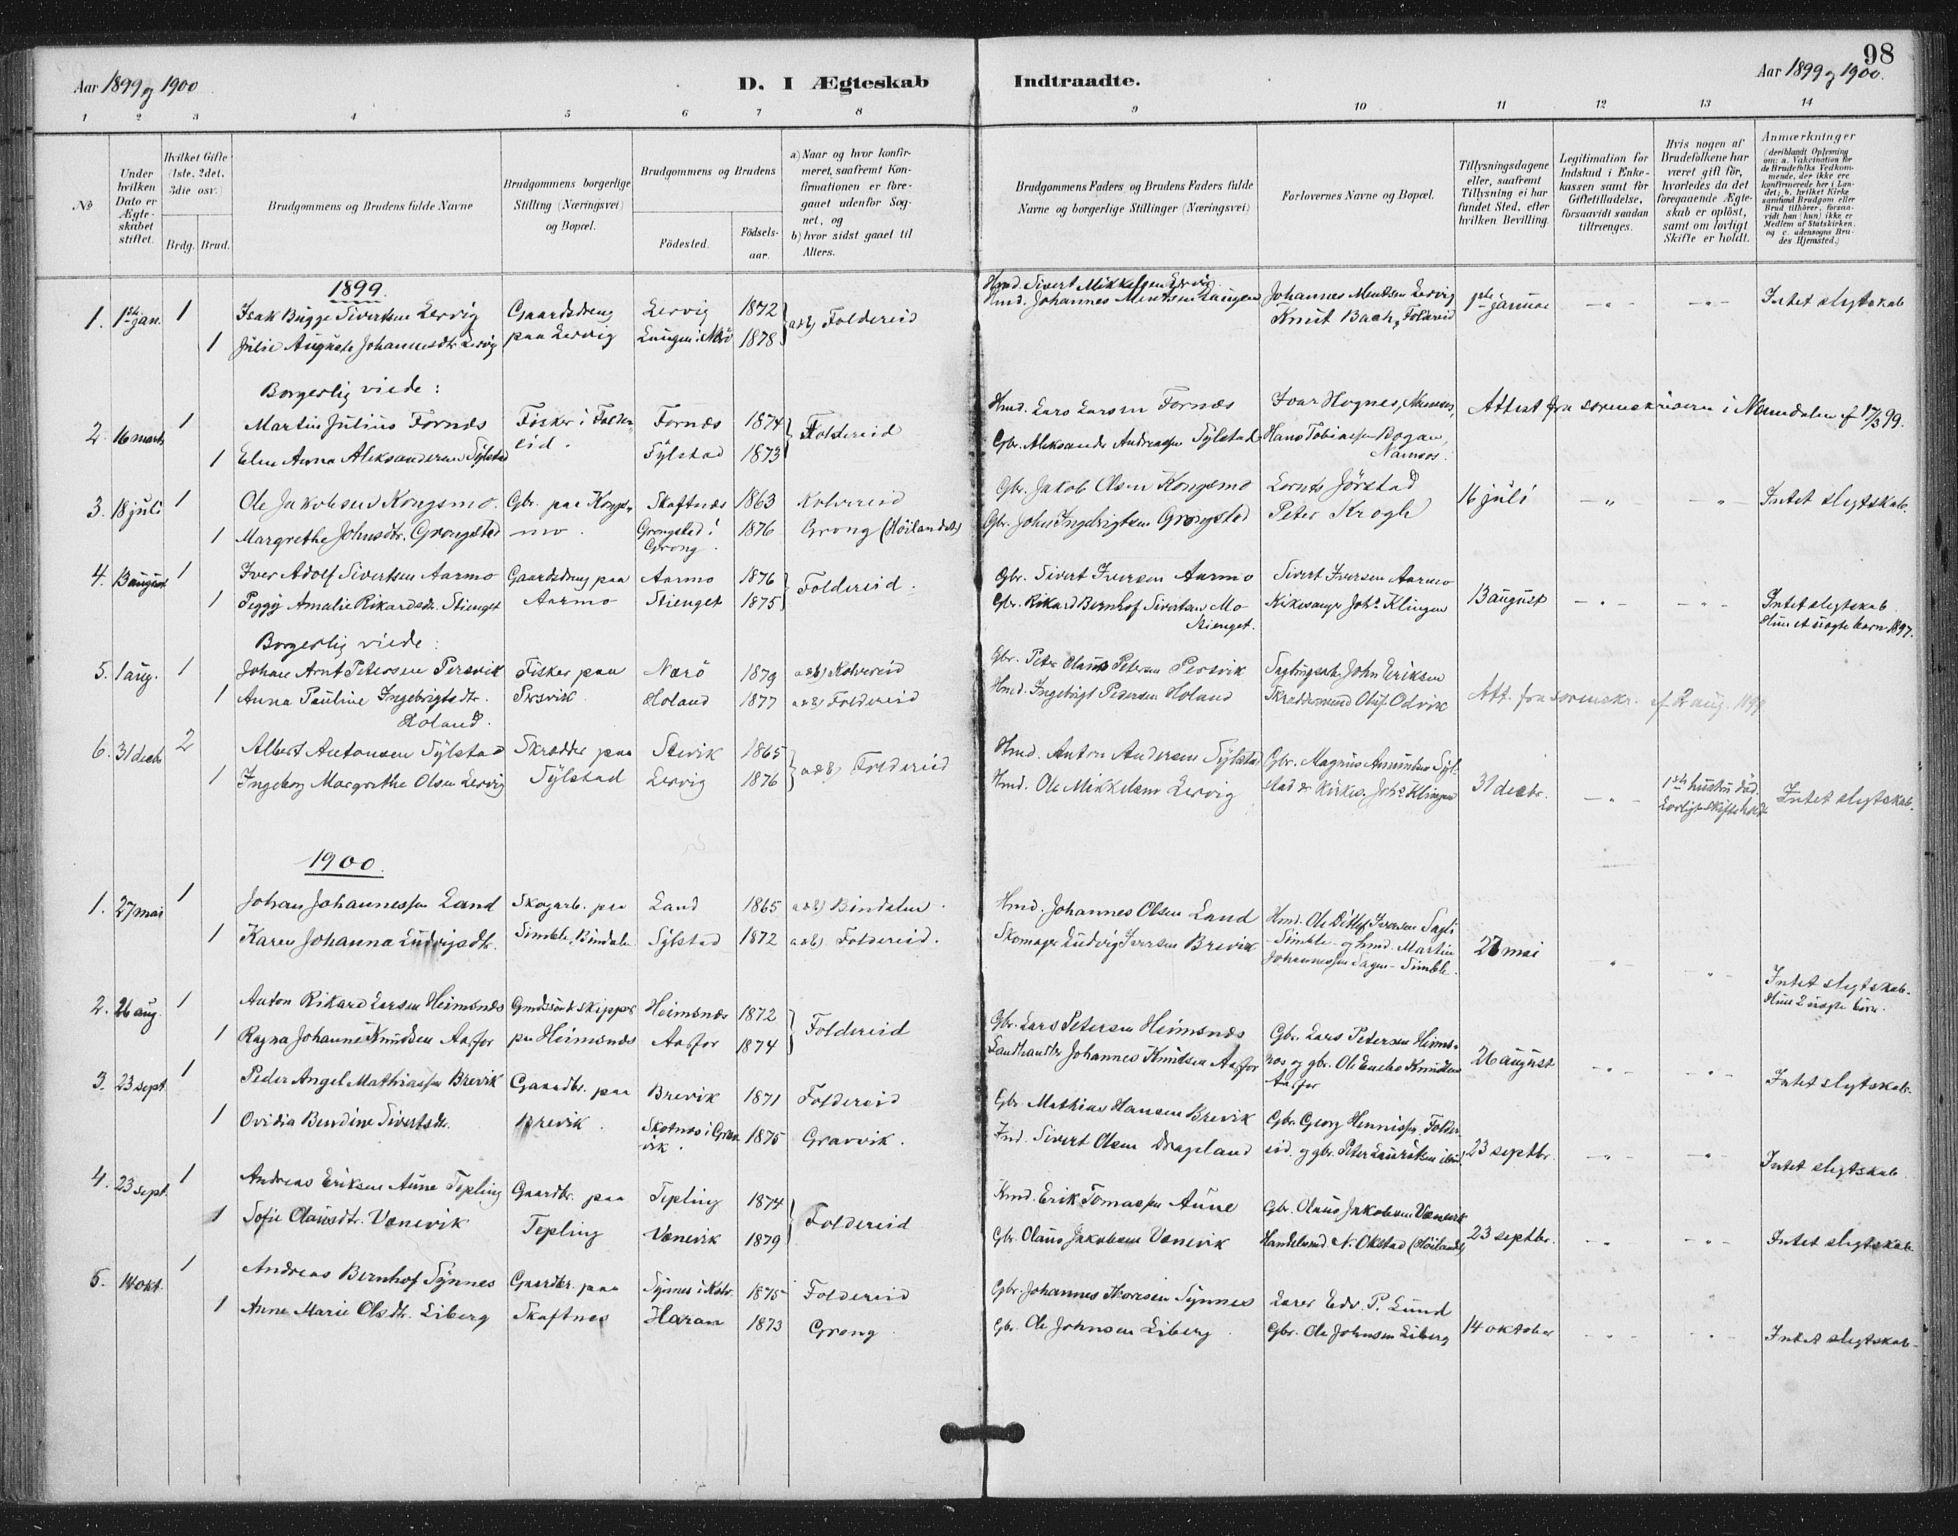 SAT, Ministerialprotokoller, klokkerbøker og fødselsregistre - Nord-Trøndelag, 783/L0660: Ministerialbok nr. 783A02, 1886-1918, s. 98